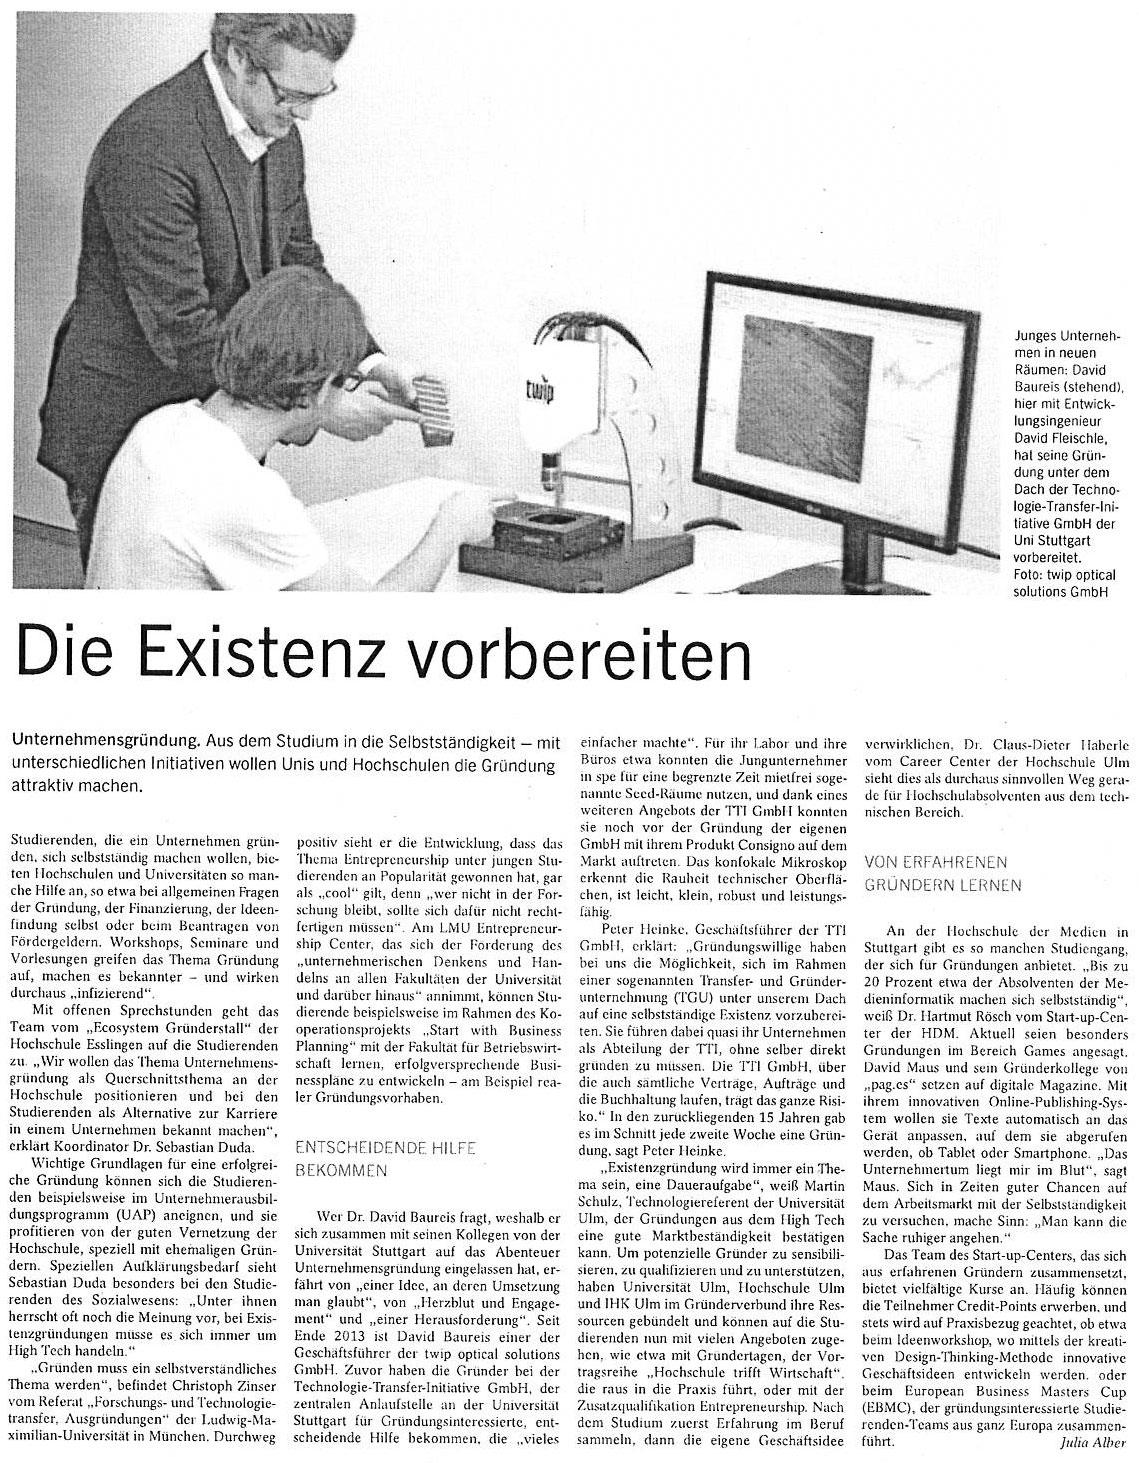 Existenz gründen 2014 Stuttgarter Zeitung